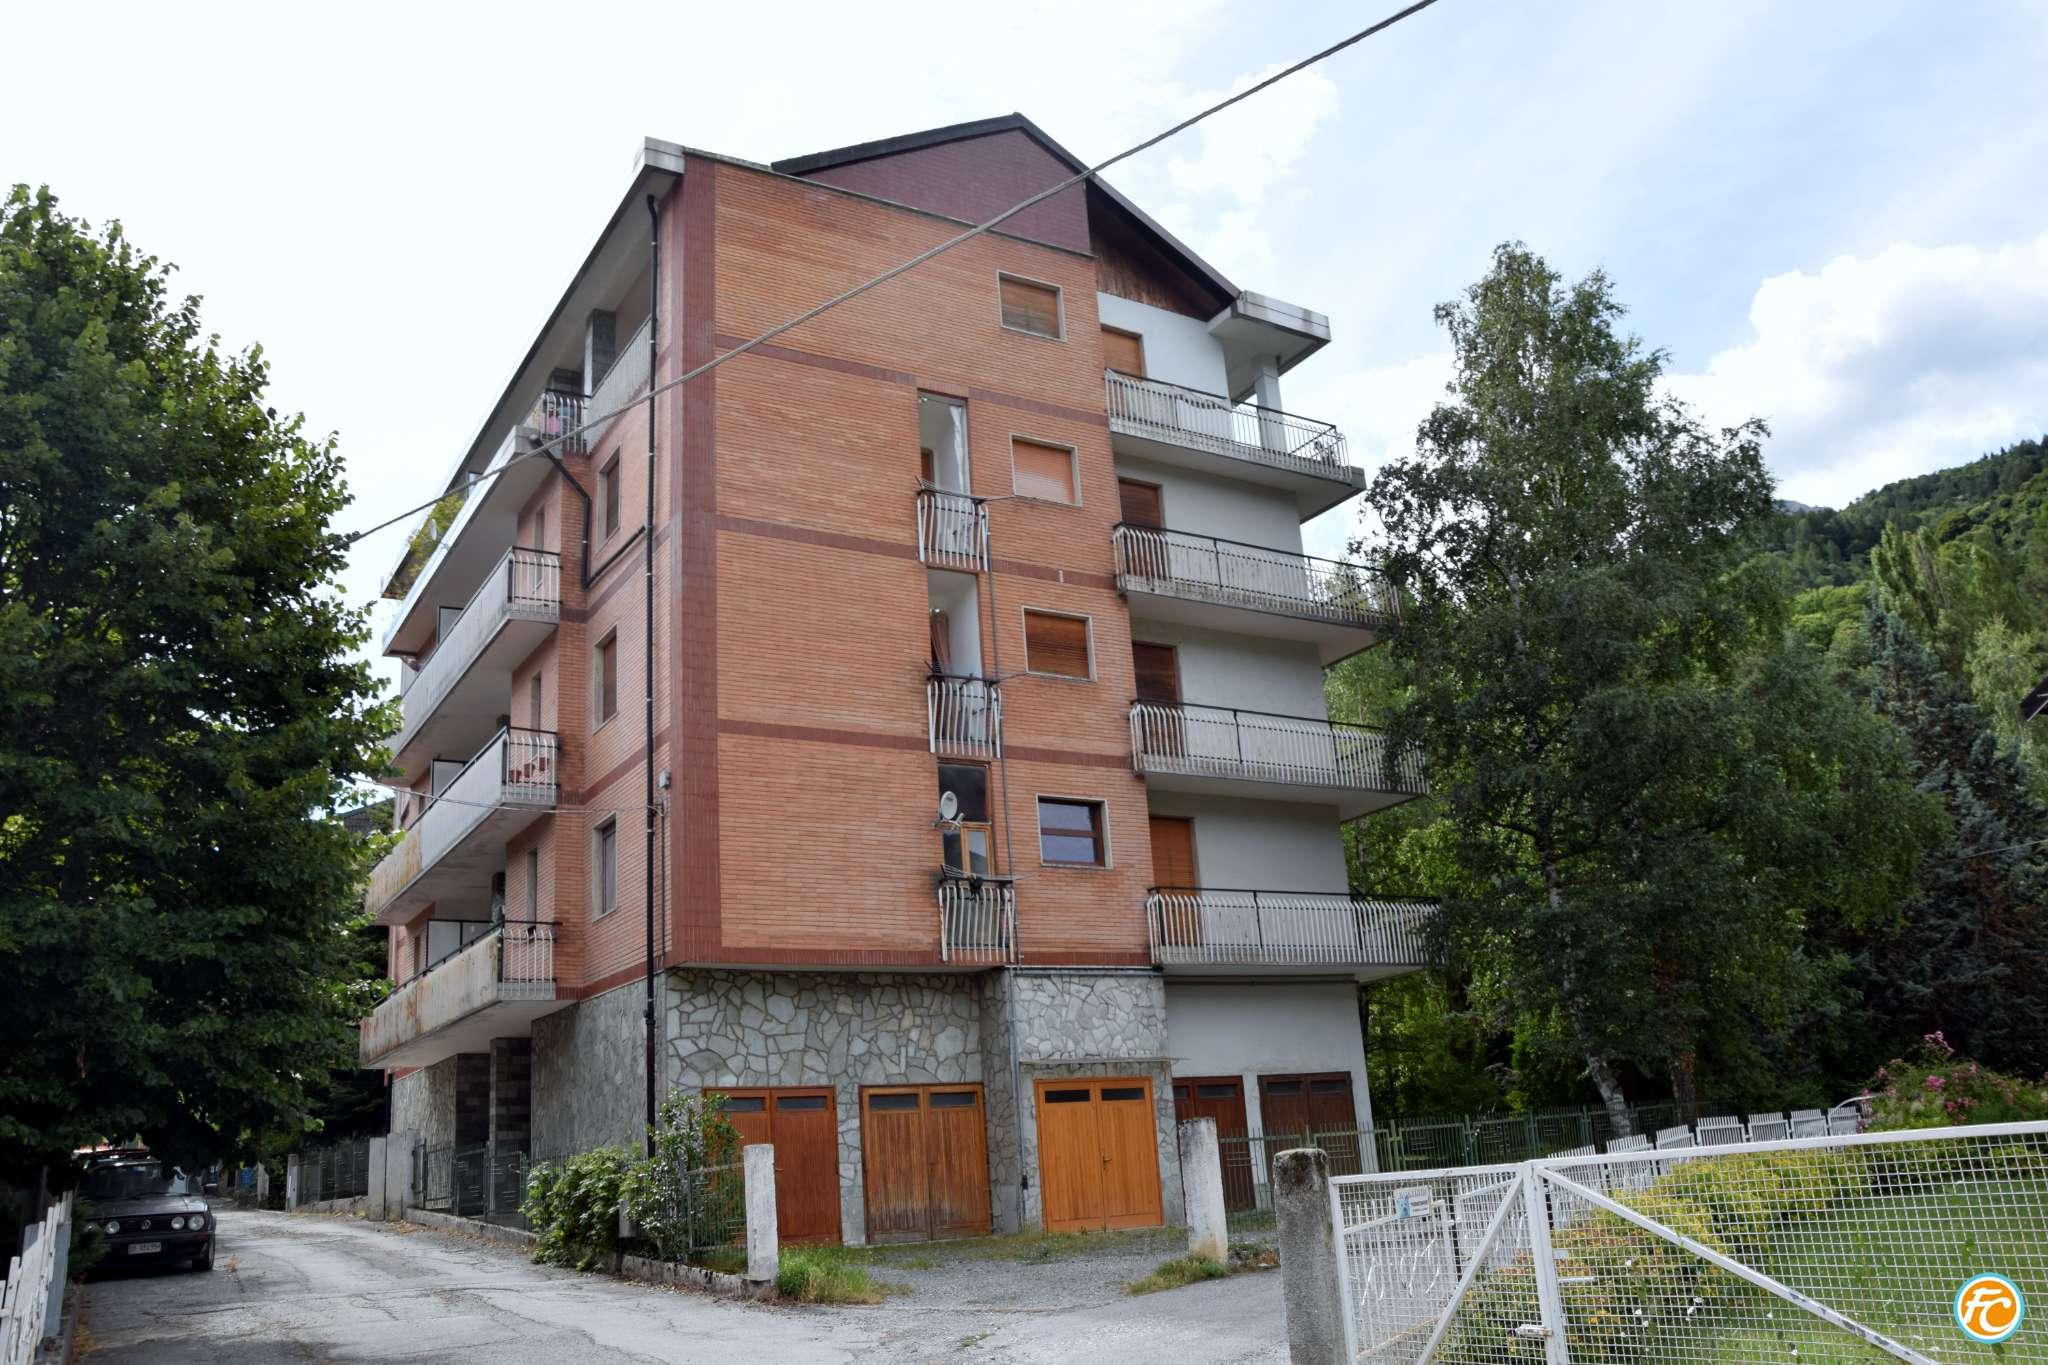 Appartamento in vendita a Gravere, 3 locali, prezzo € 34.000 | CambioCasa.it